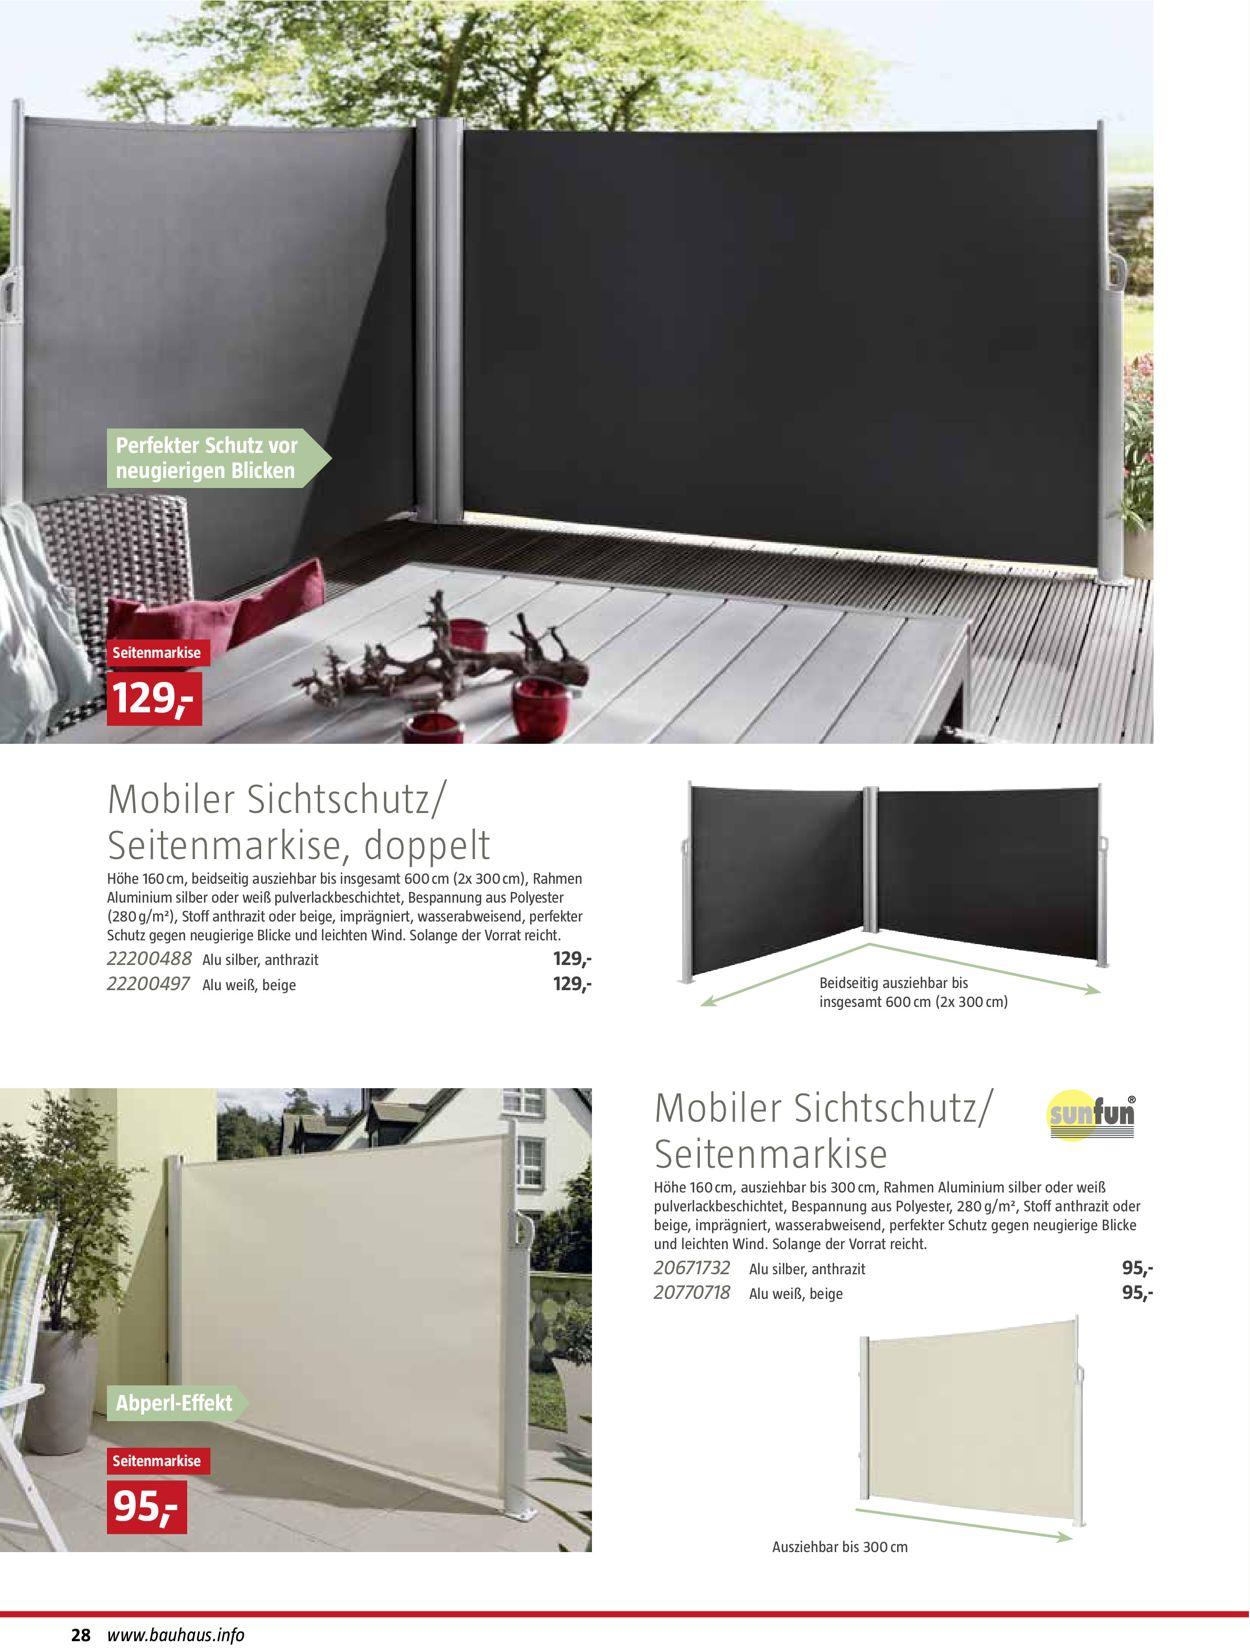 Bauhaus Aktueller Prospekt 01 01 01 09 2020 28 Jedewoche